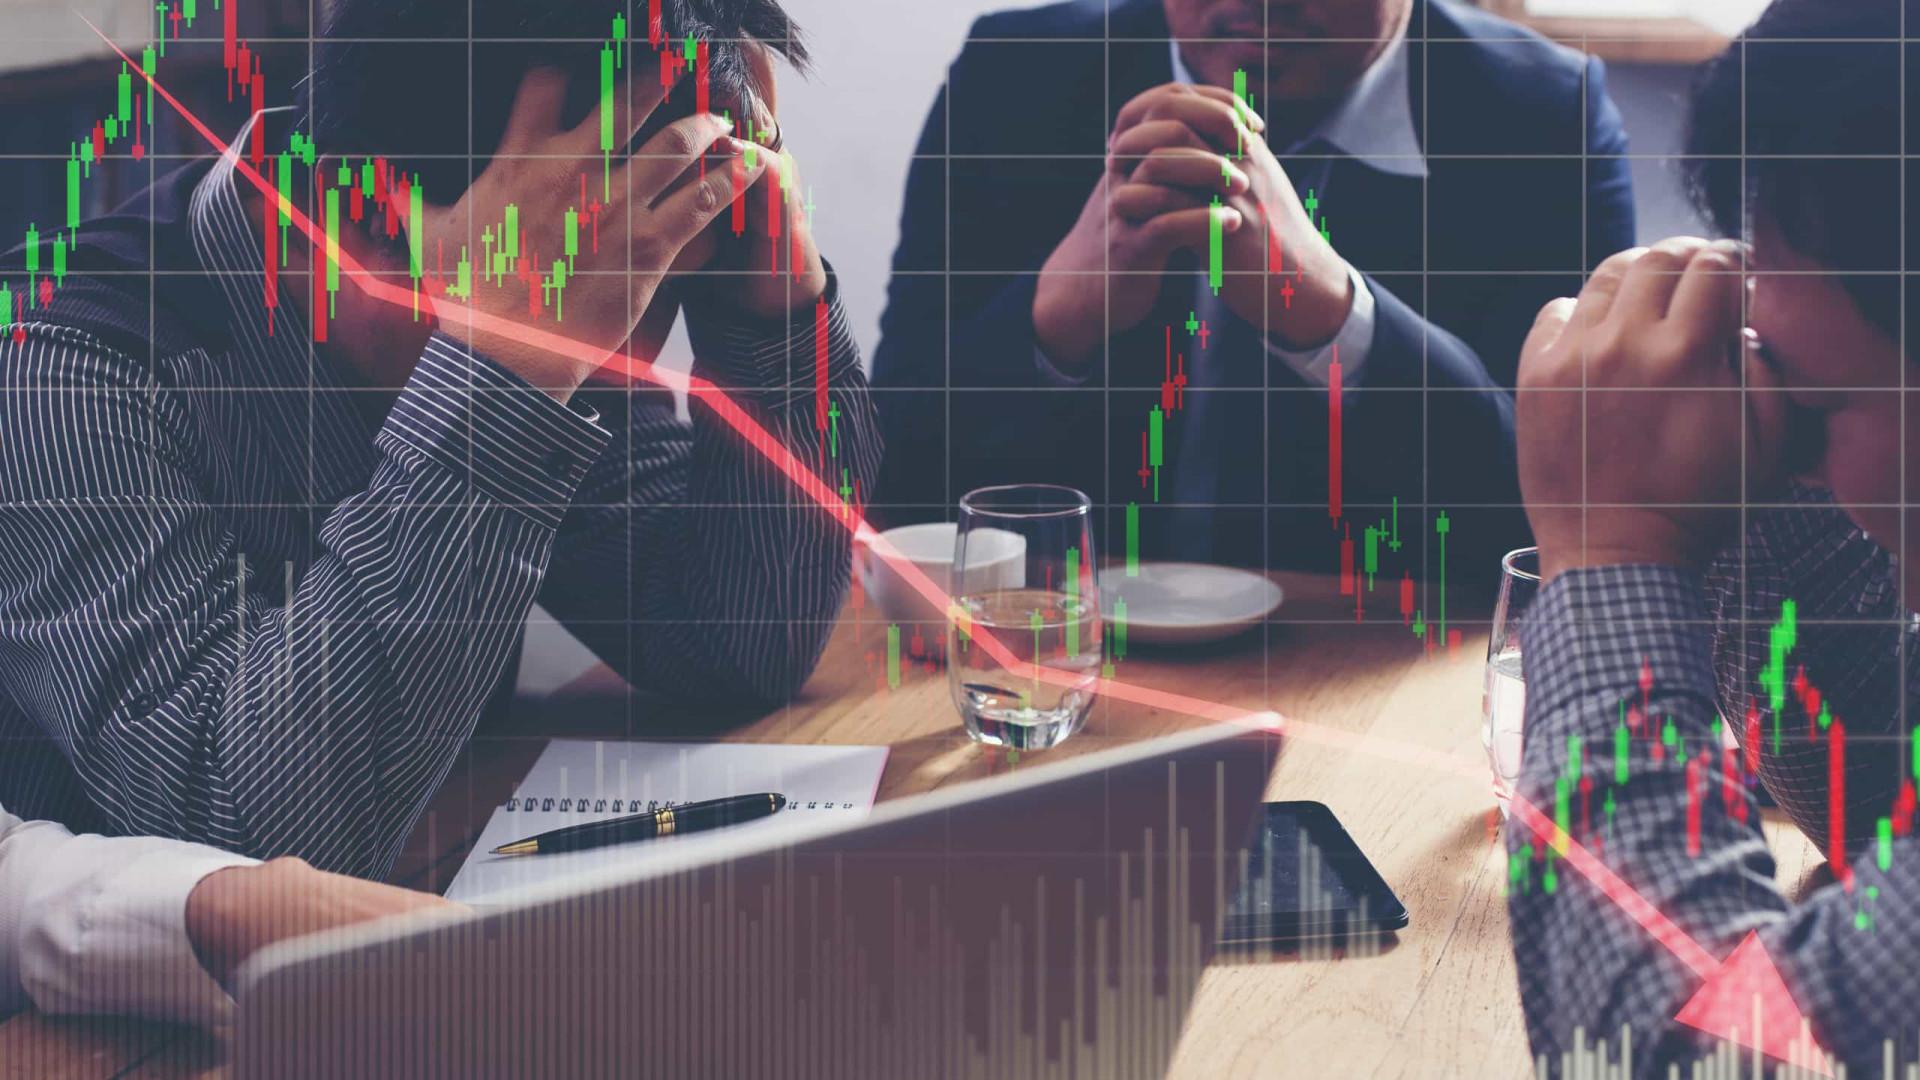 'O maior erro dos investidores é o excesso de confiança'